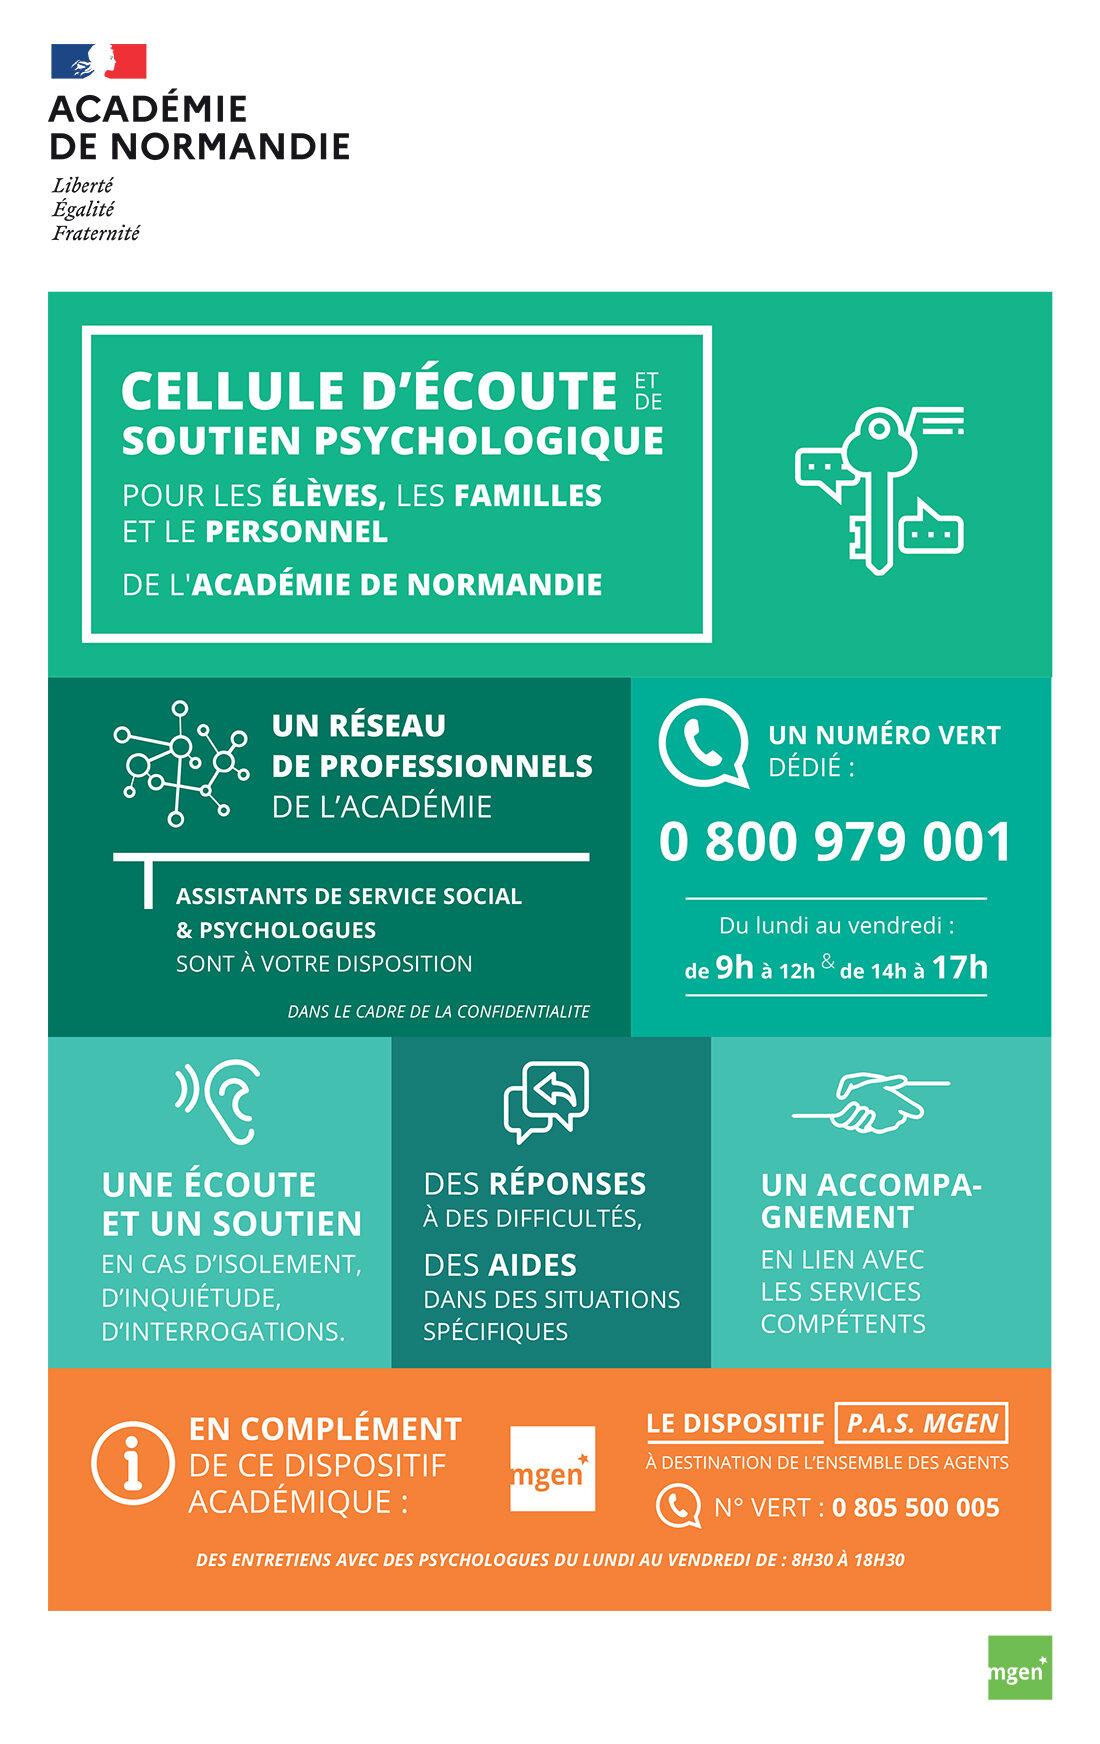 cellule-d-coute-et-de-soutien-psychologique-de-l-acad-mie-de-normandie-14590.jpg